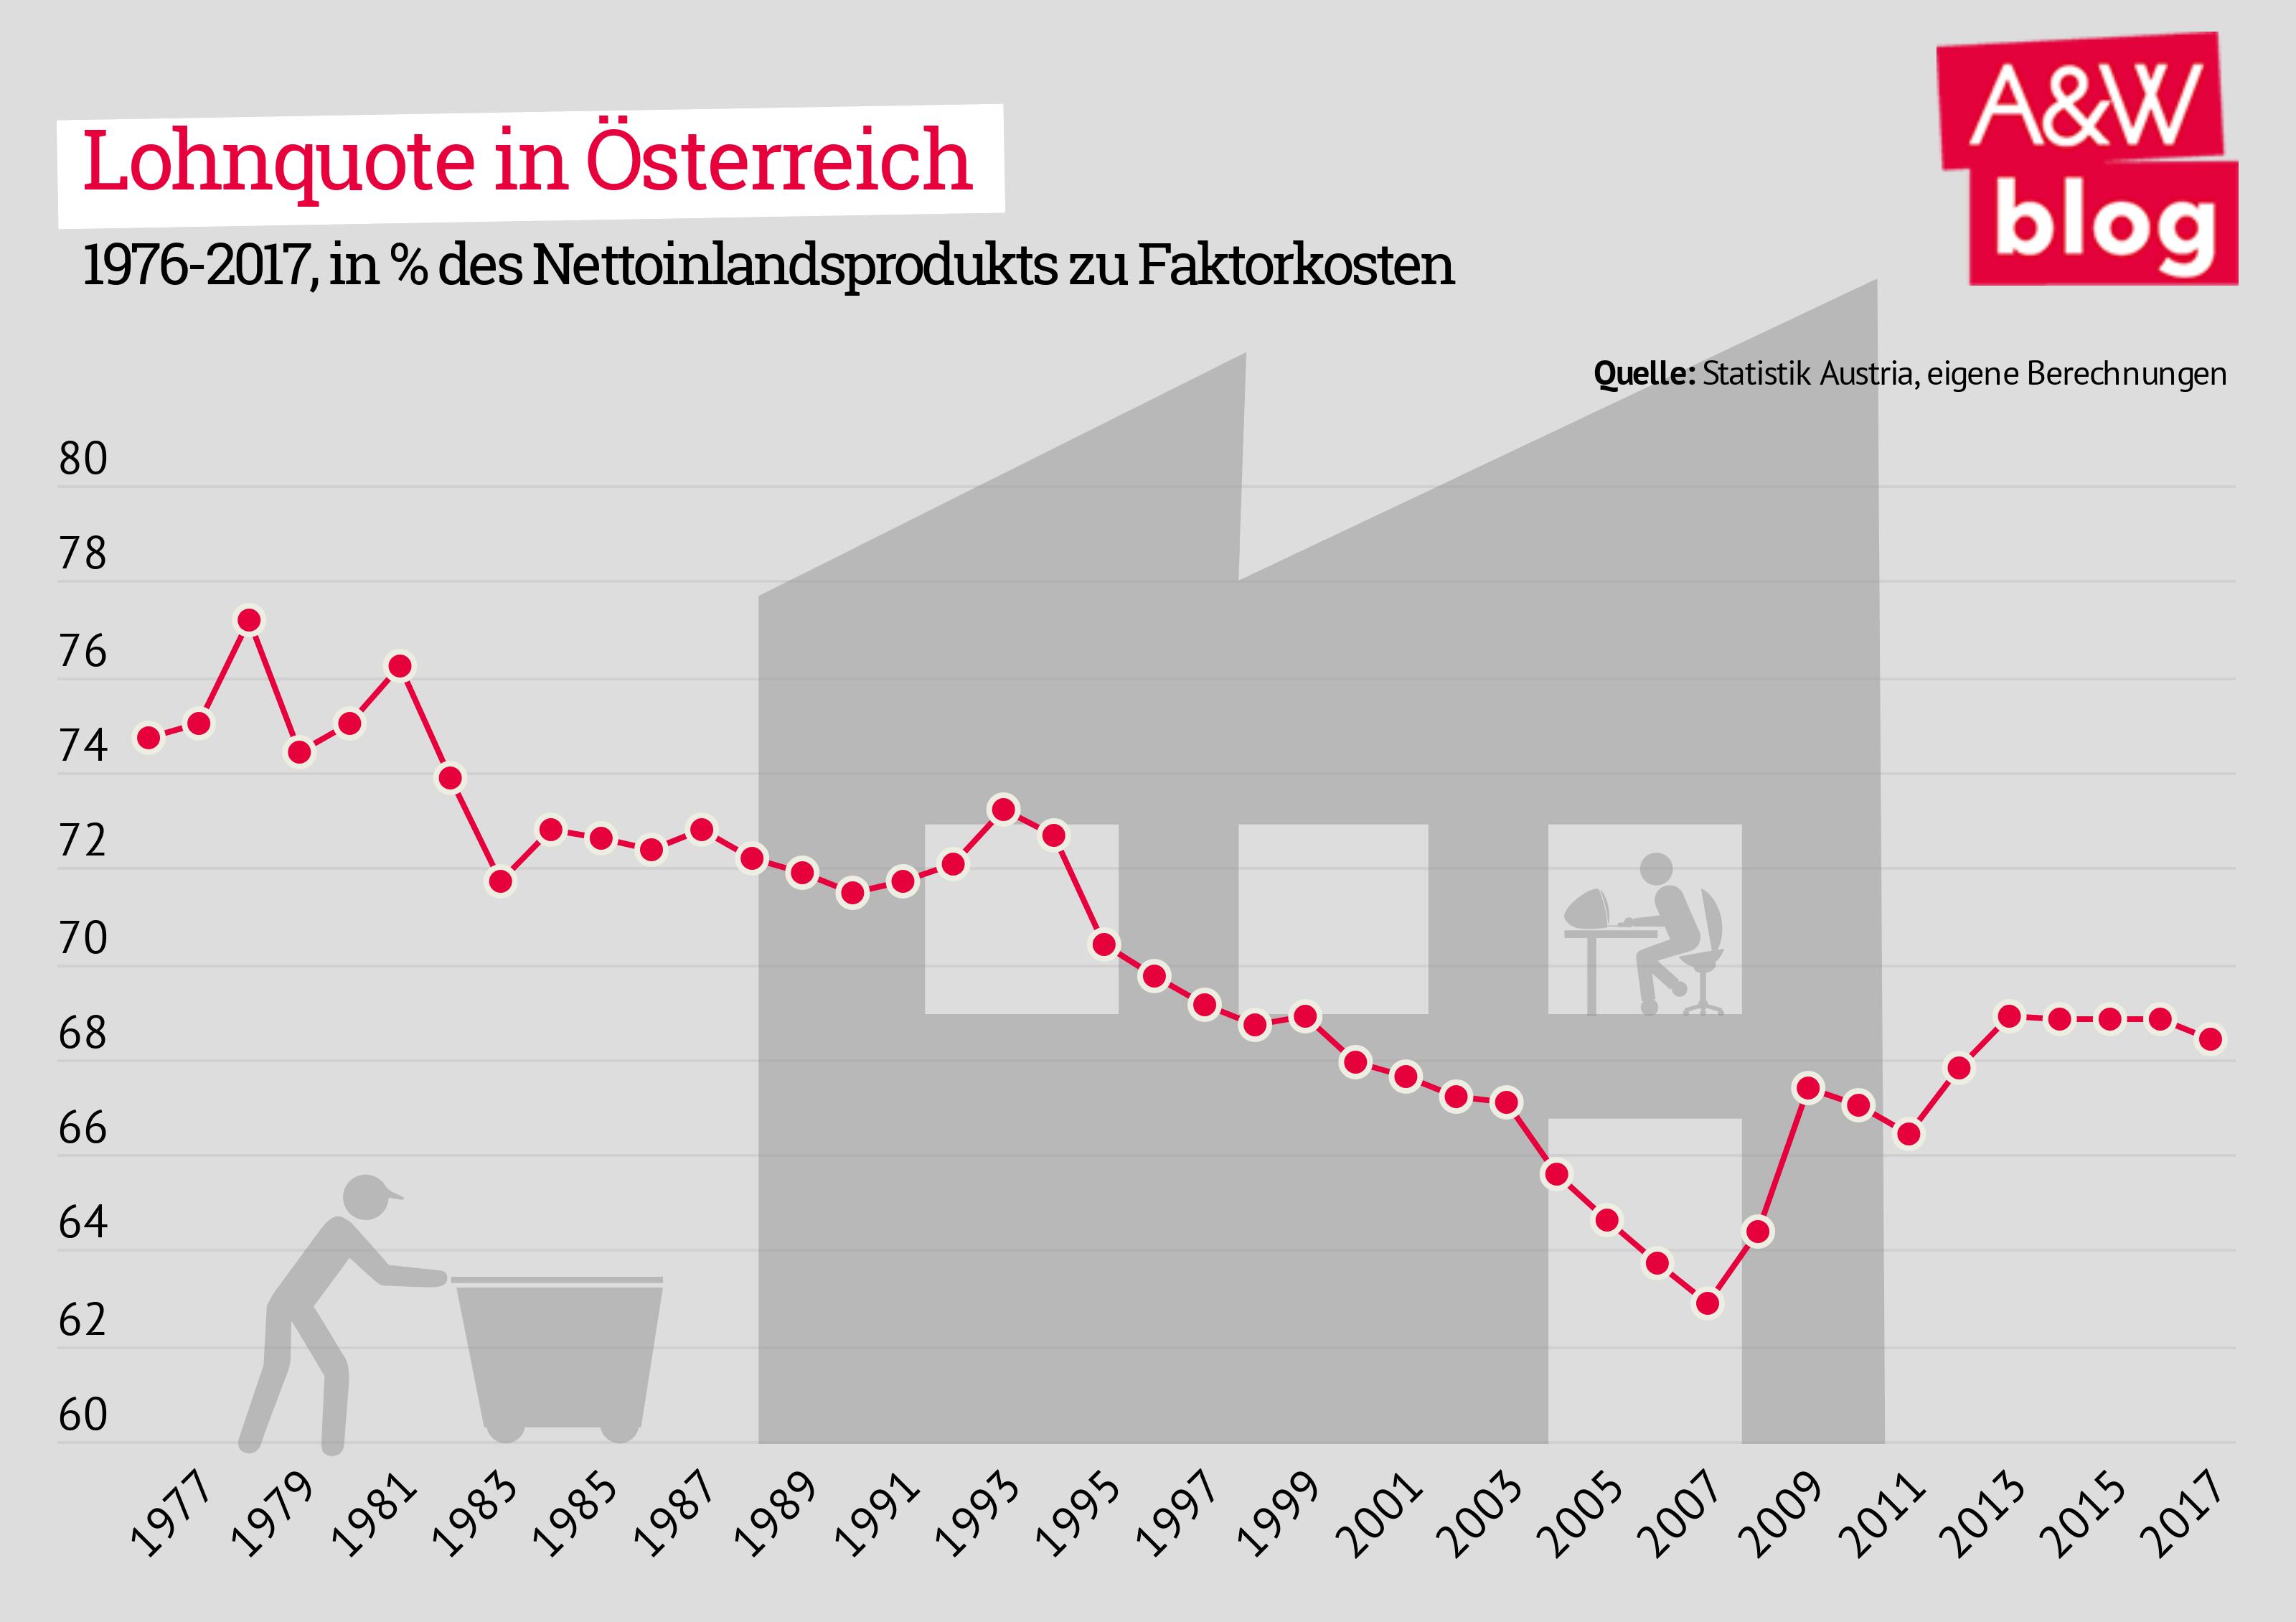 Lohnquote in Österreich